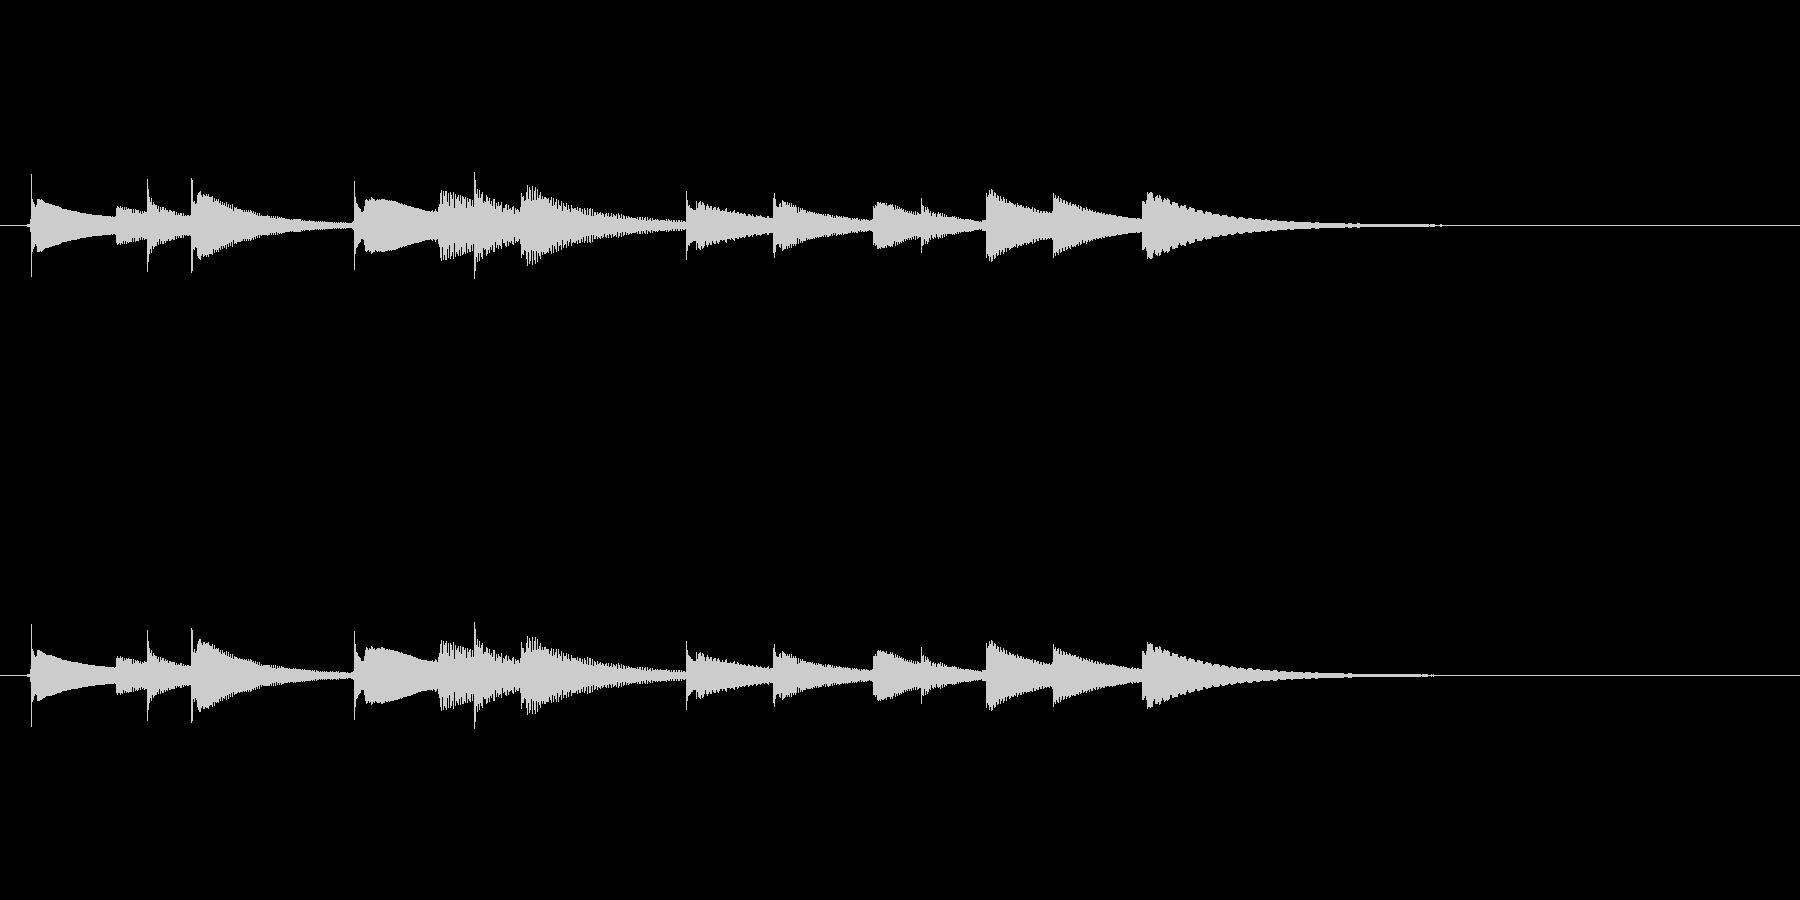 オルゴールアイキャッチ音色違いですの未再生の波形